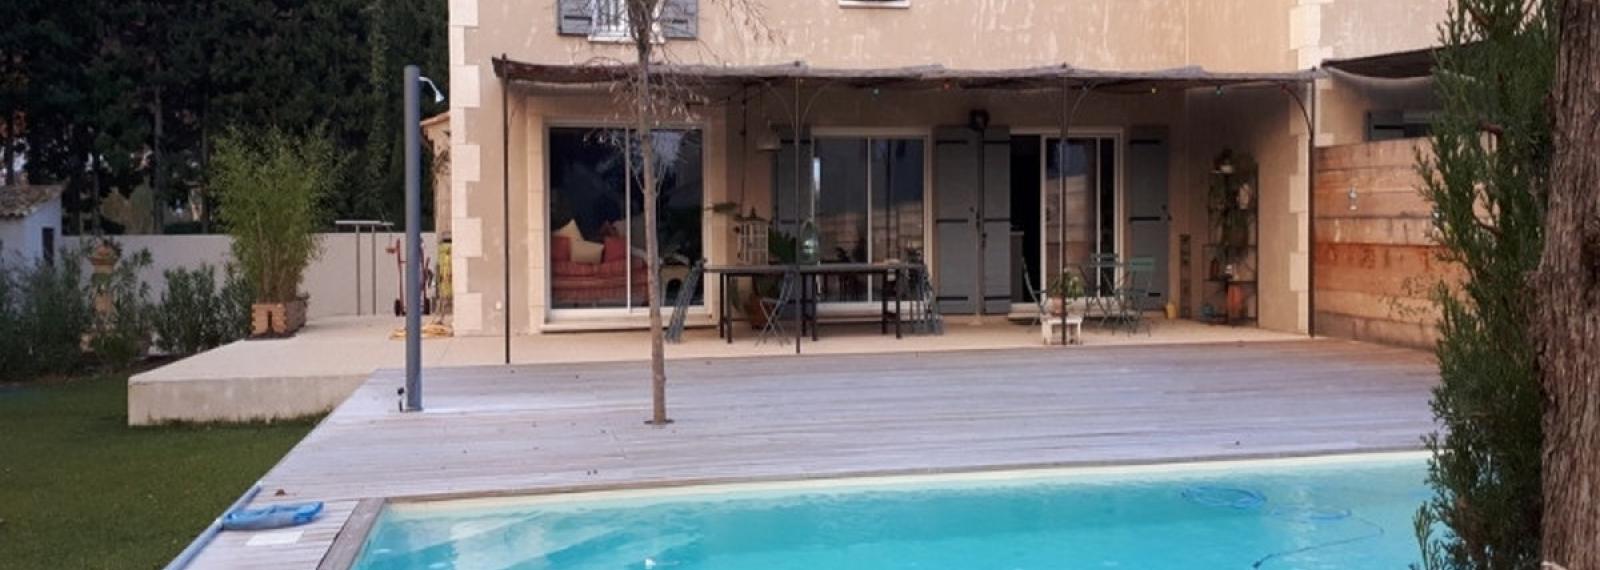 Chambres d'hôtes La Maison des Ocres à Saint-Rémy-de-Provence